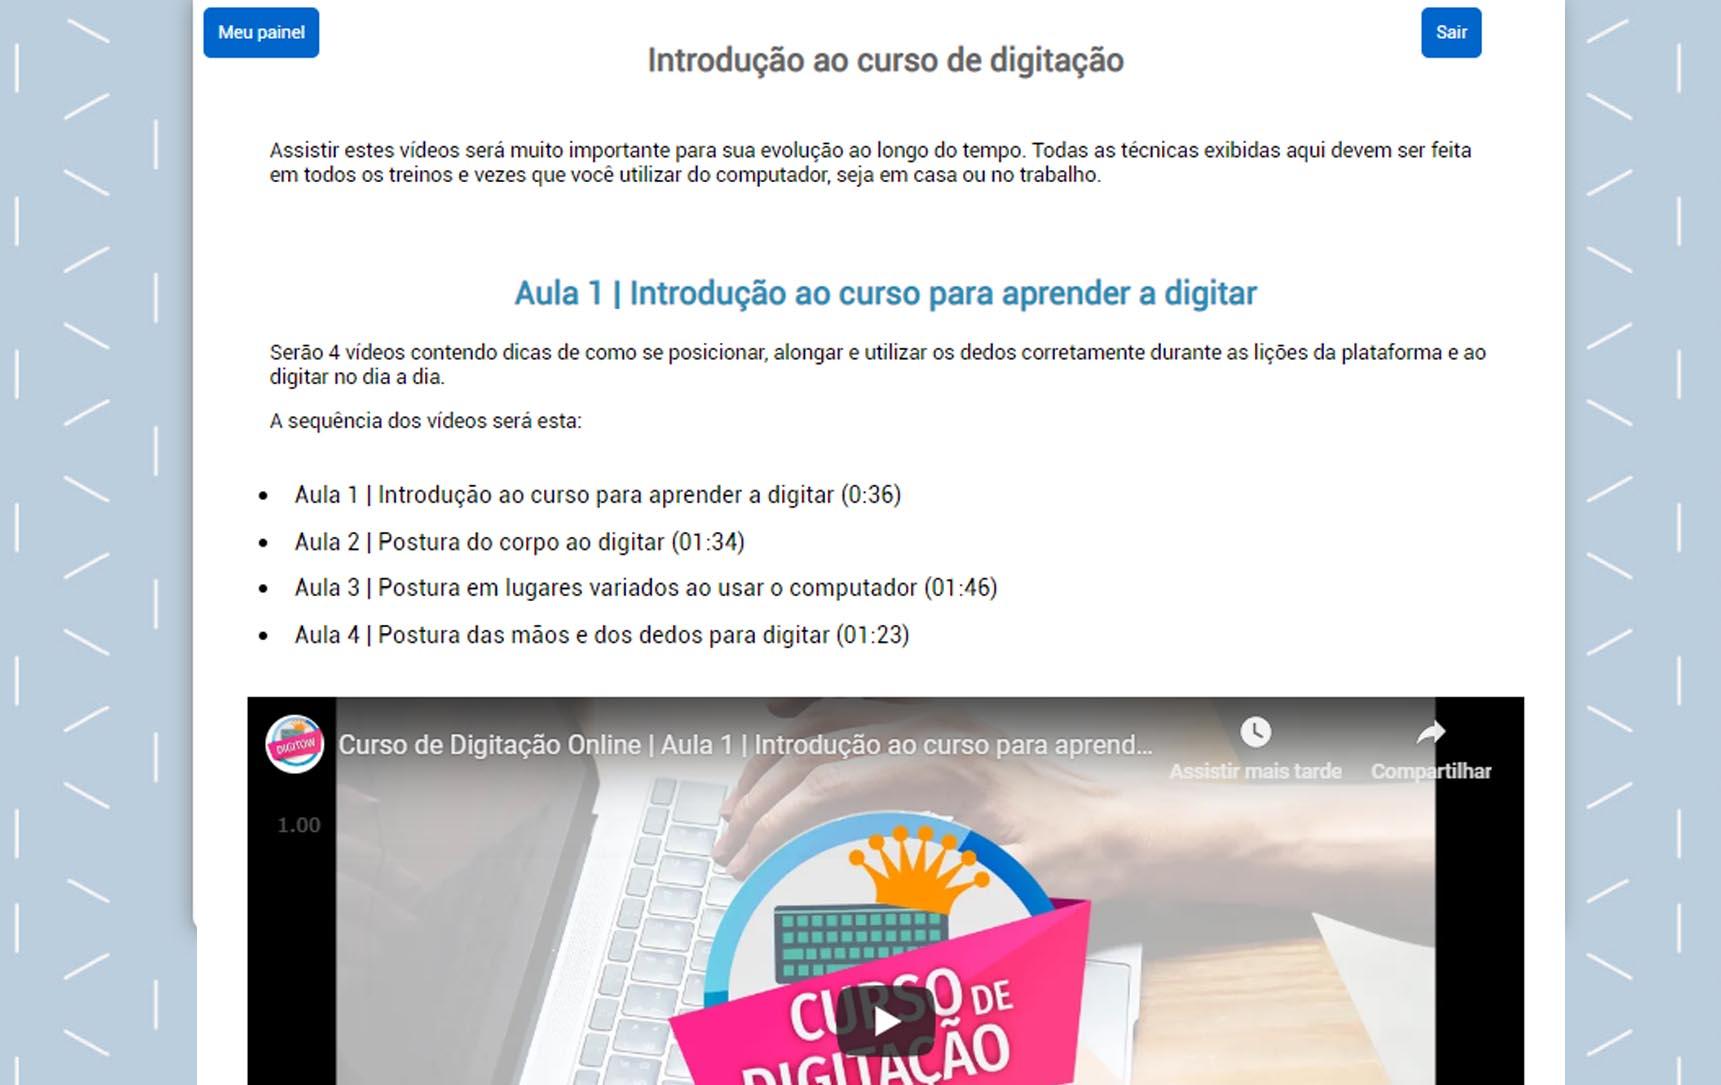 curso de digitação online plataforma para aprender a digitar